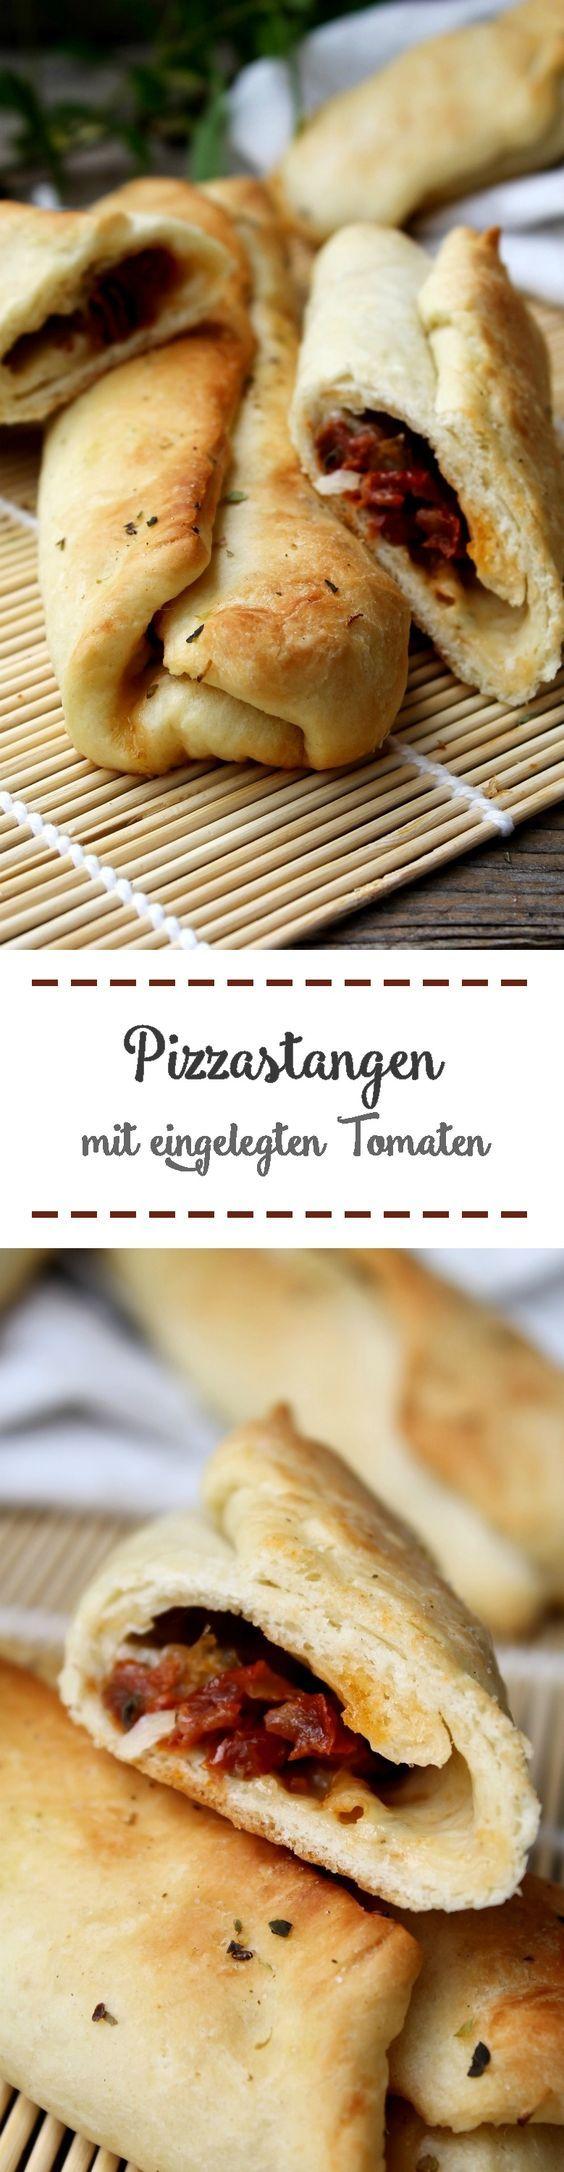 Pizzastangen mit eingelegten Tomaten und Mozzarella - Der perfekte EM-Snack #hefeteigfürpizza